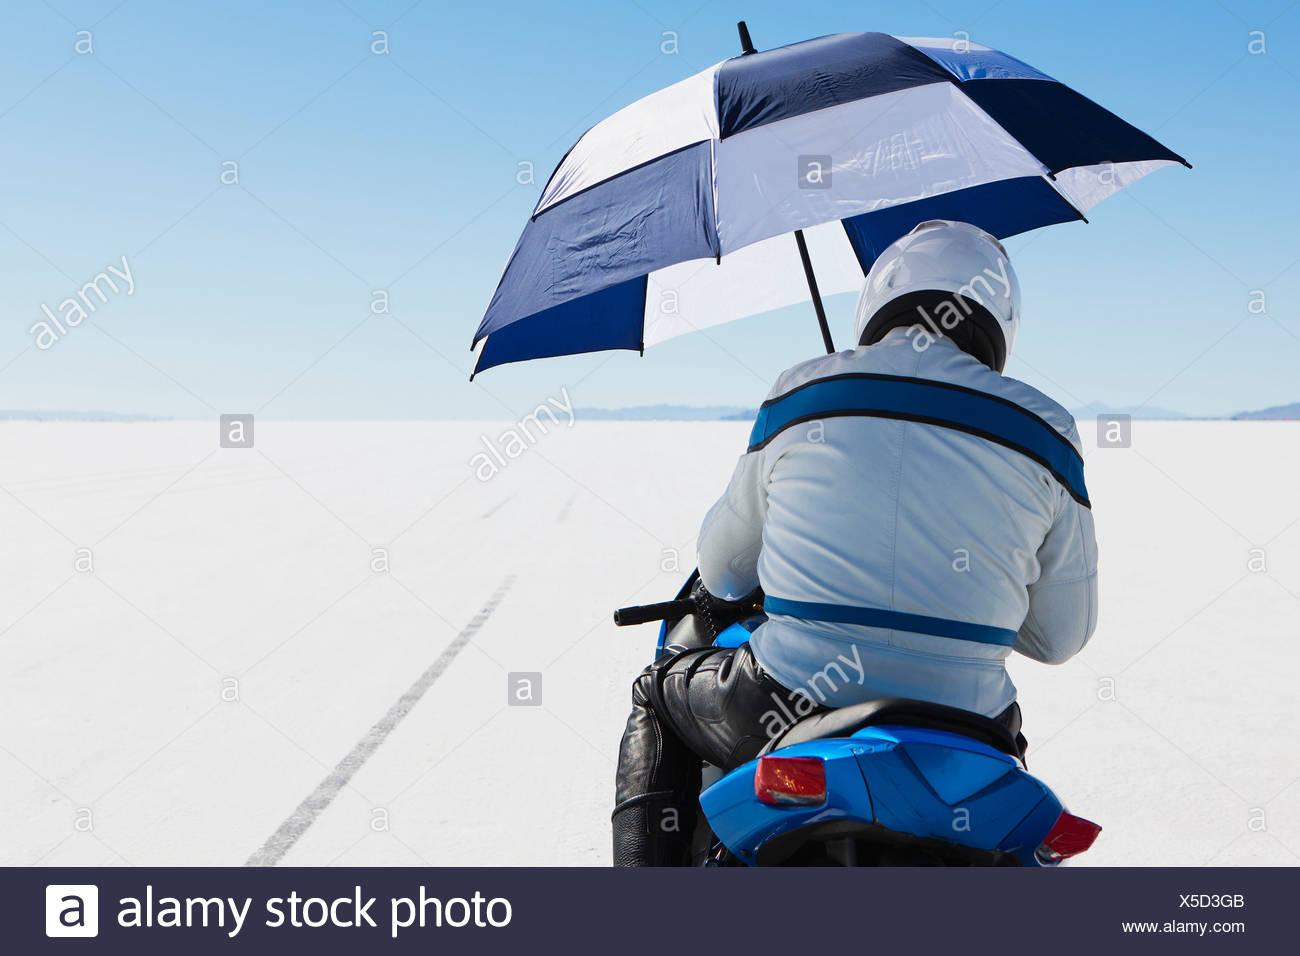 Un motocycliste s'abritant sous un parapluie, sur la ligne de départ au niveau de la semaine, sur la Bonneville Salt Flats. Photo Stock